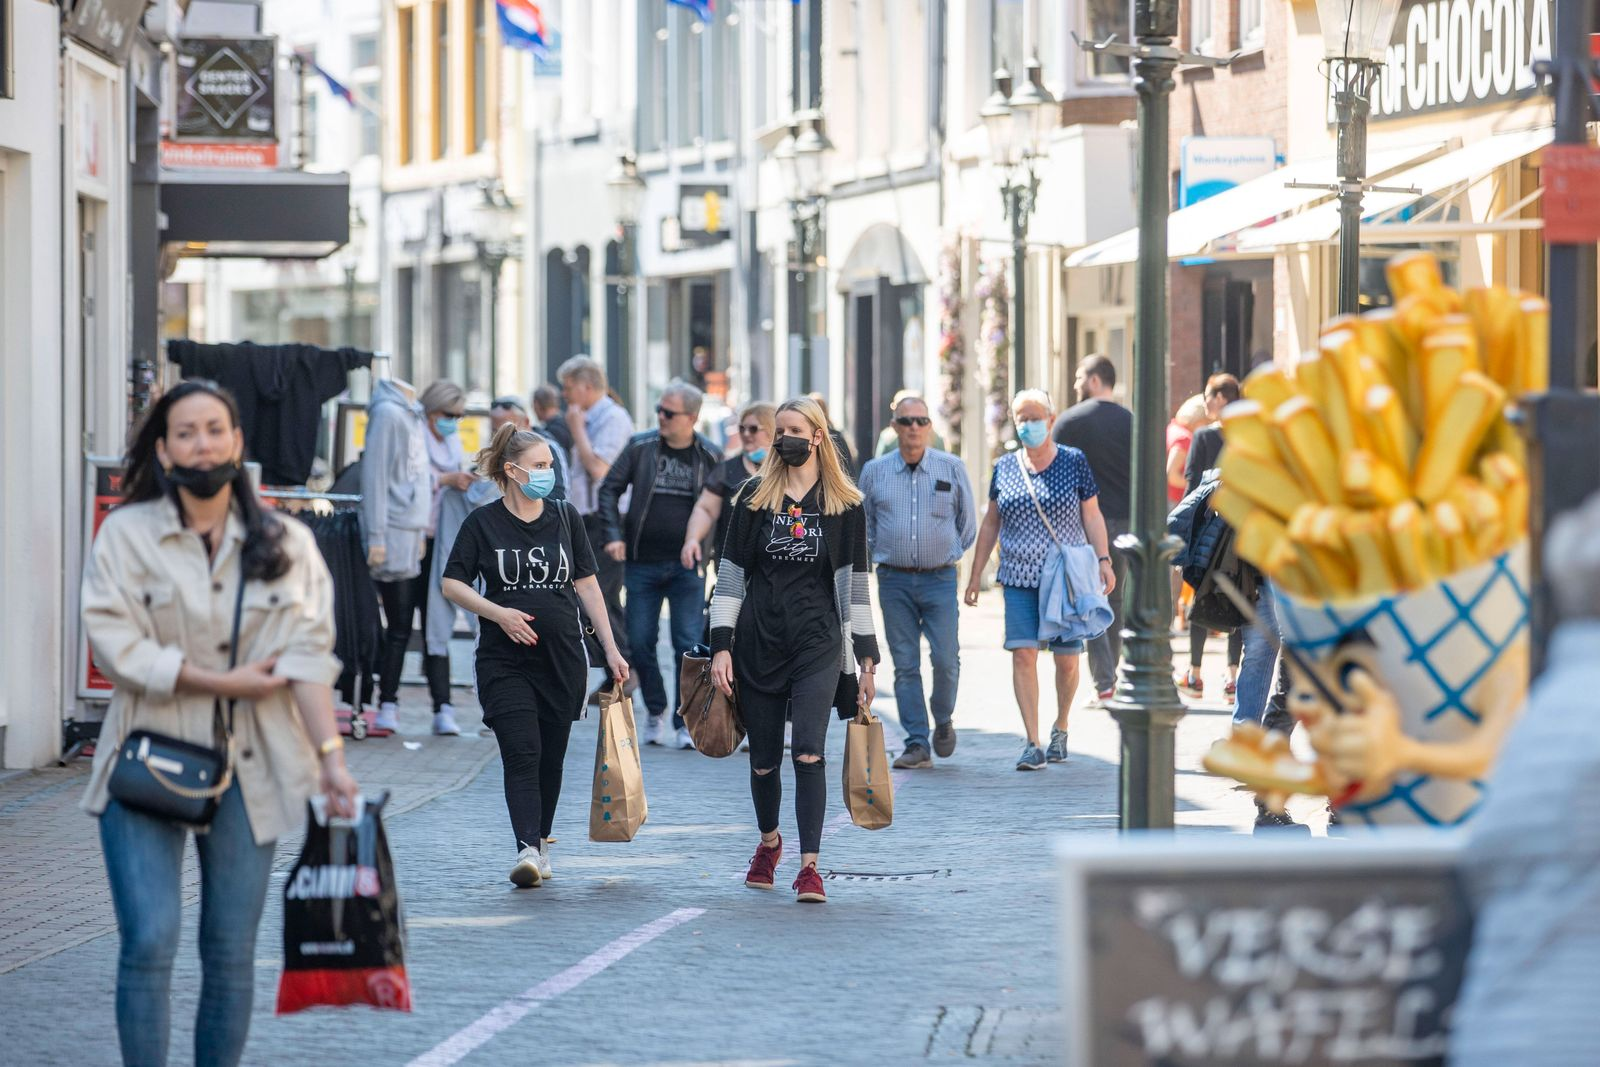 28.04.2021 , Venlo , Niederlande , Die Aussengastronomie in den Niederlanden darf ab 12 Uhr am Mittag wieder öffnen , di